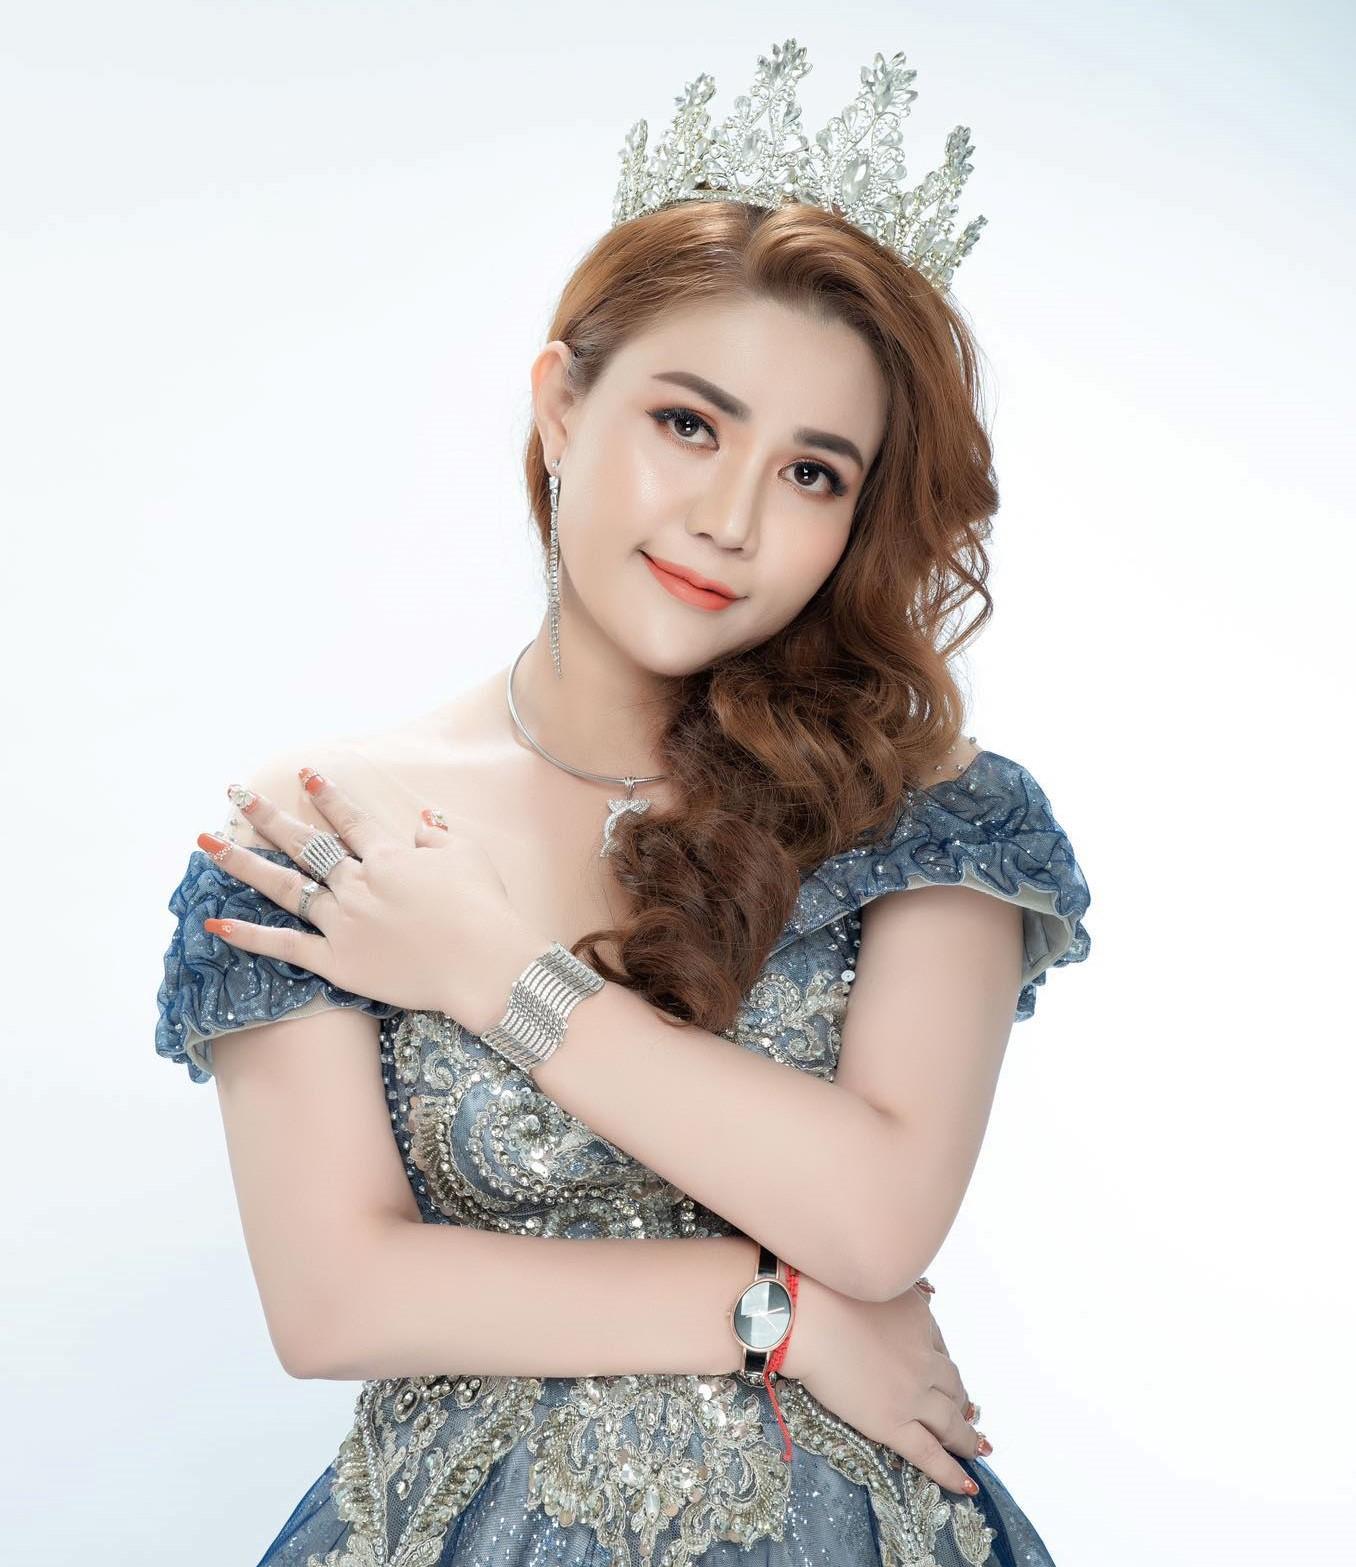 Á hậu Hoàn Hảo trẻ trung, xinh đẹp như những cô gái mới bước vào tuổi đôi mươi.